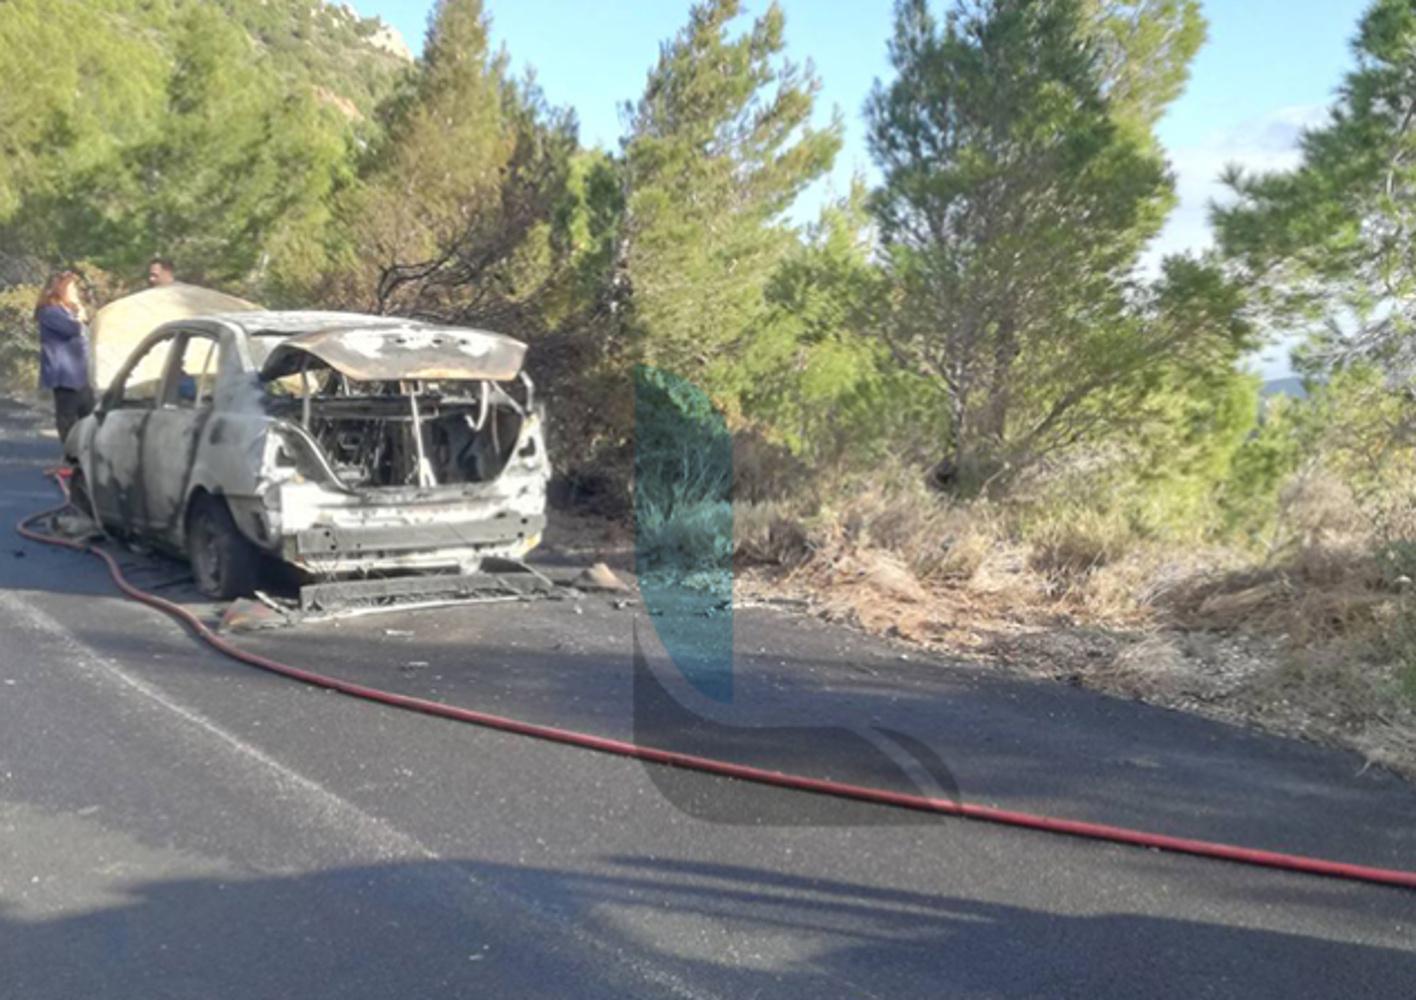 Λουτράκι: Αυτοκίνητο τυλίχθηκε στις φλόγες – Από θαύμα σώθηκαν τέσσερις γυναίκες